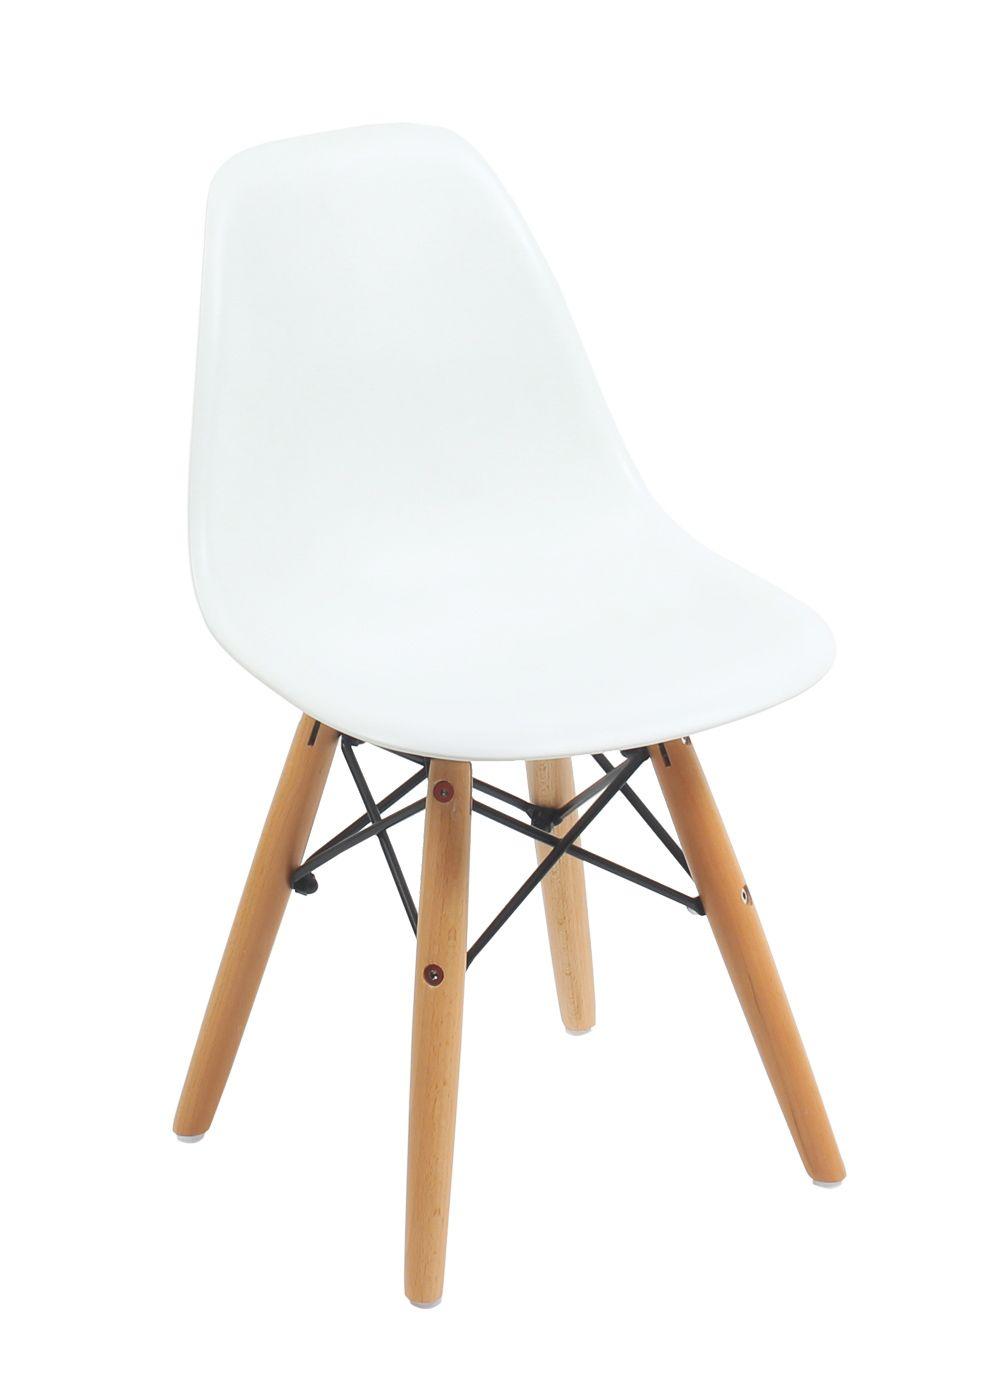 Chaise Dsw Enfant Inspiree Par Charles Eames Meubles Design Reproductions De Mobilier Design A Prix Abordables Pr Chaise Design Chaise Mobilier De Salon